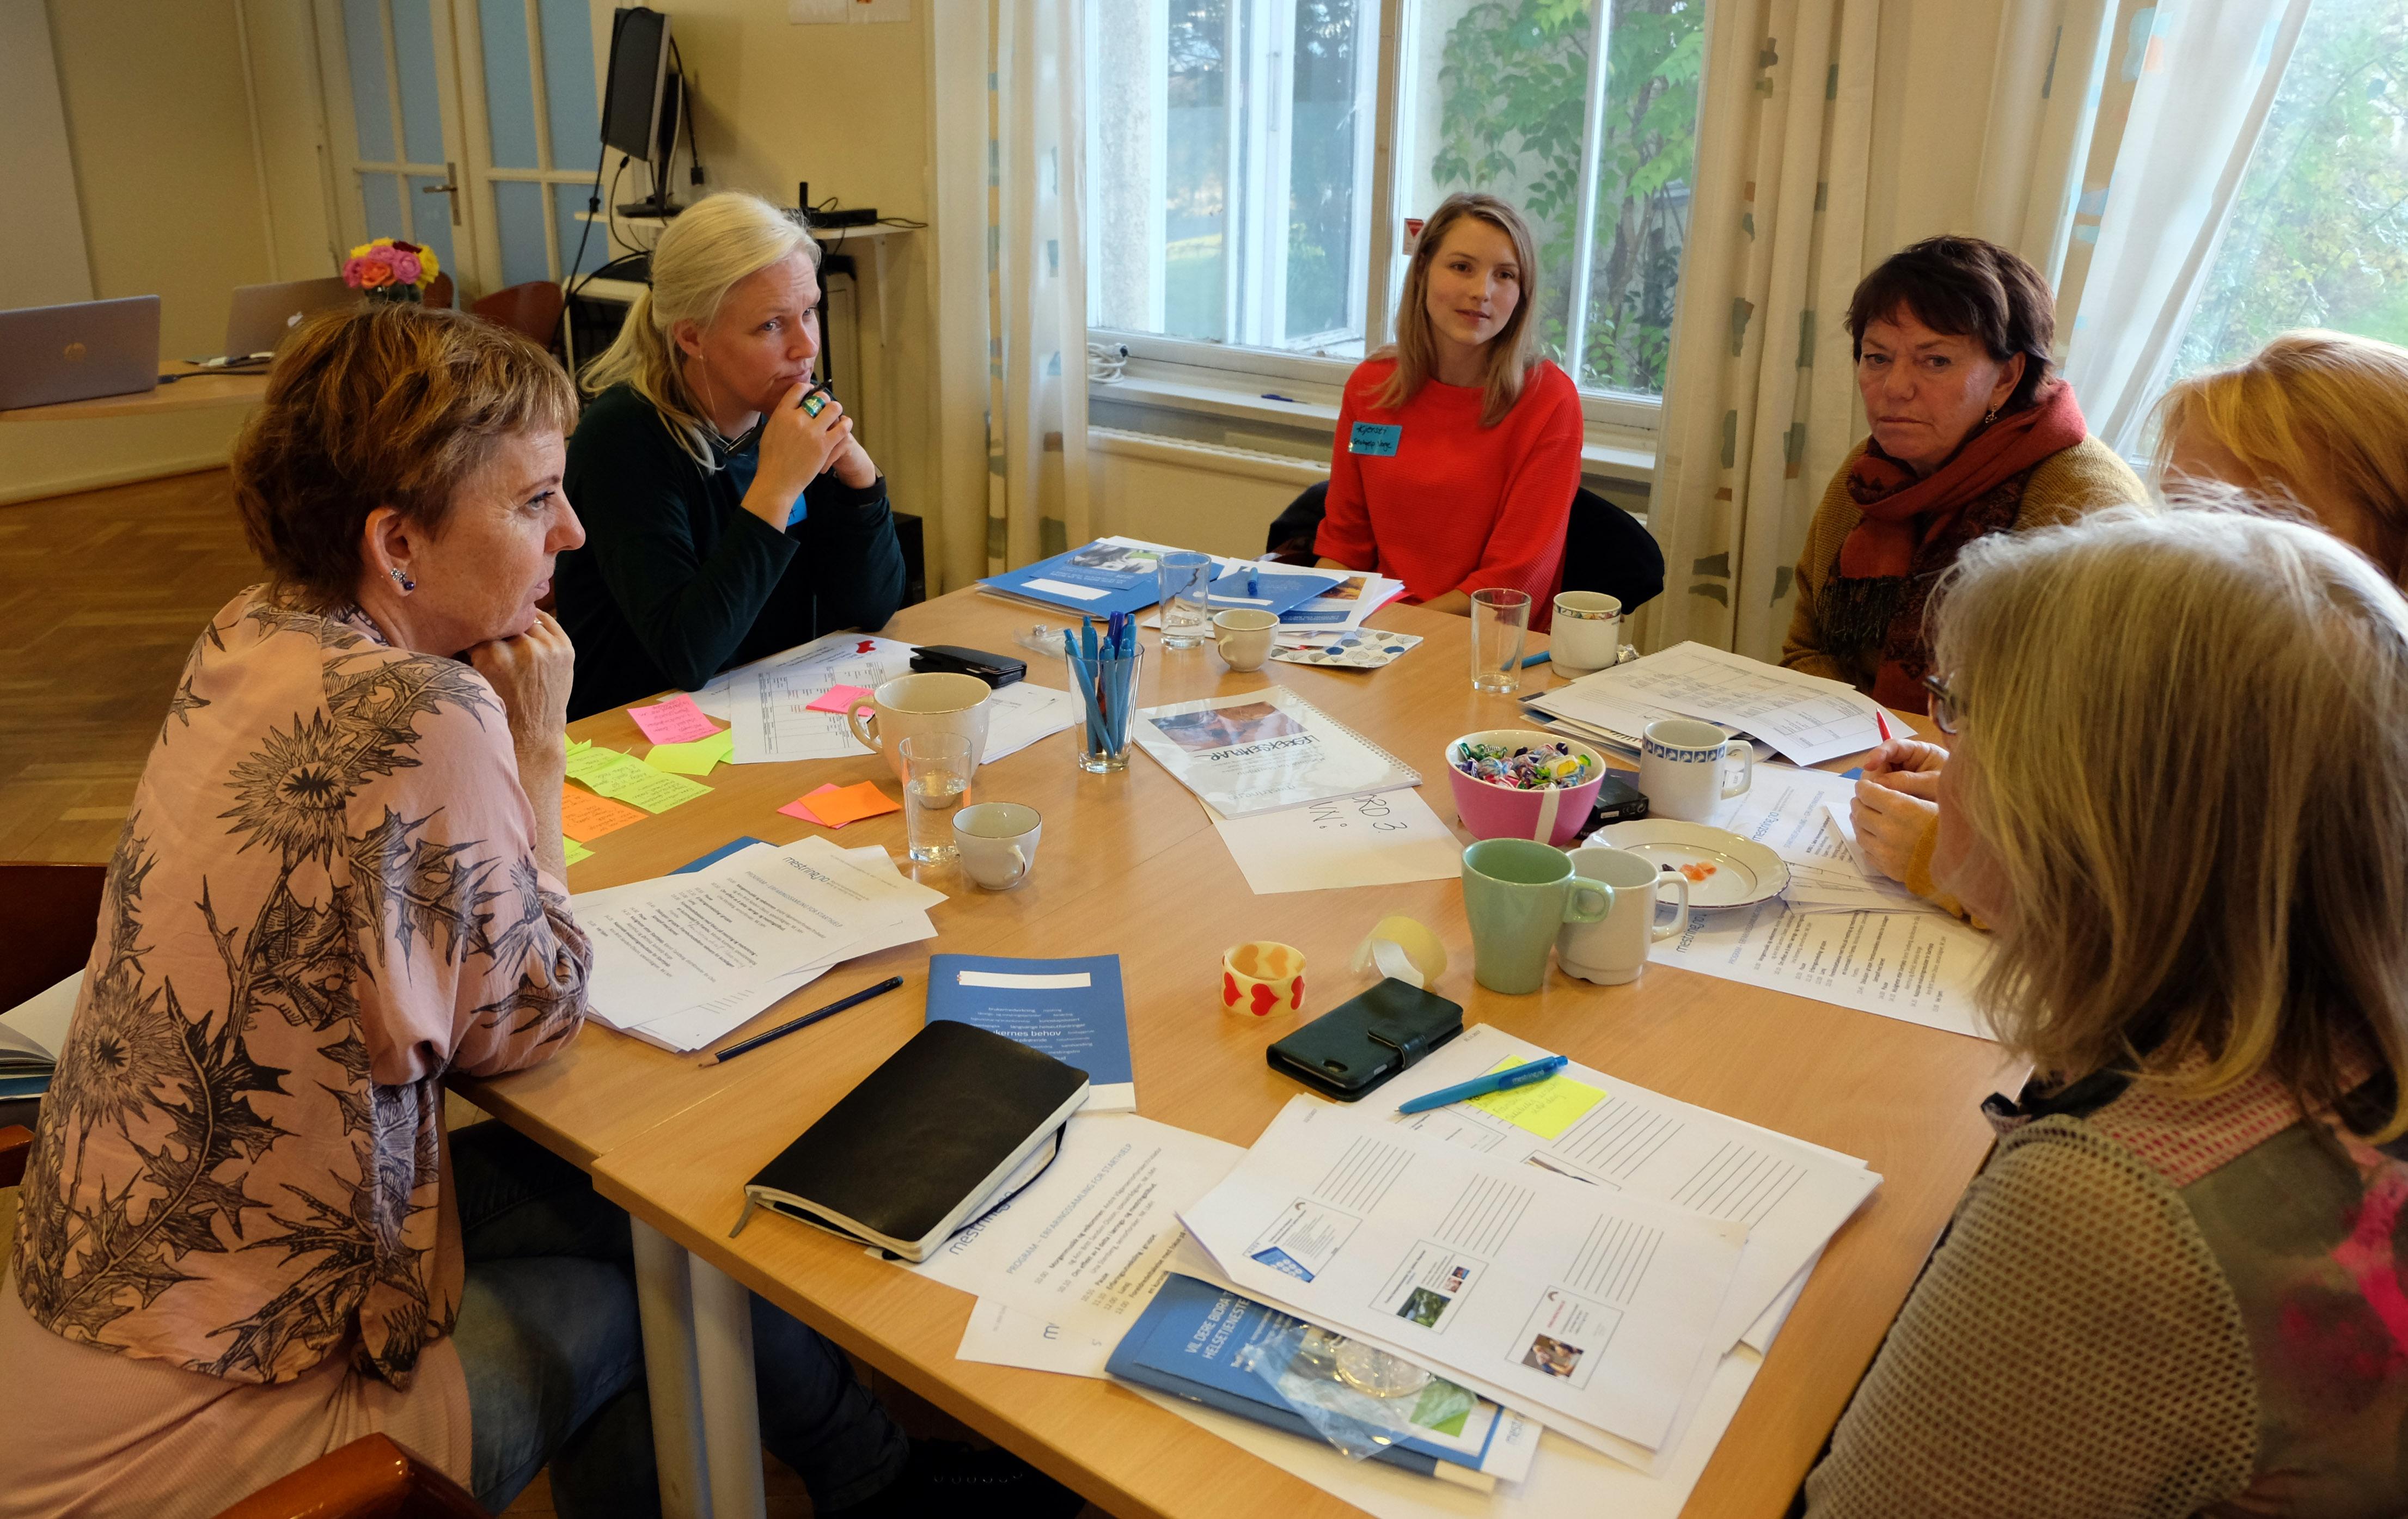 Bilde av en gjeng rundt et bord som samarbeider under samlingen.